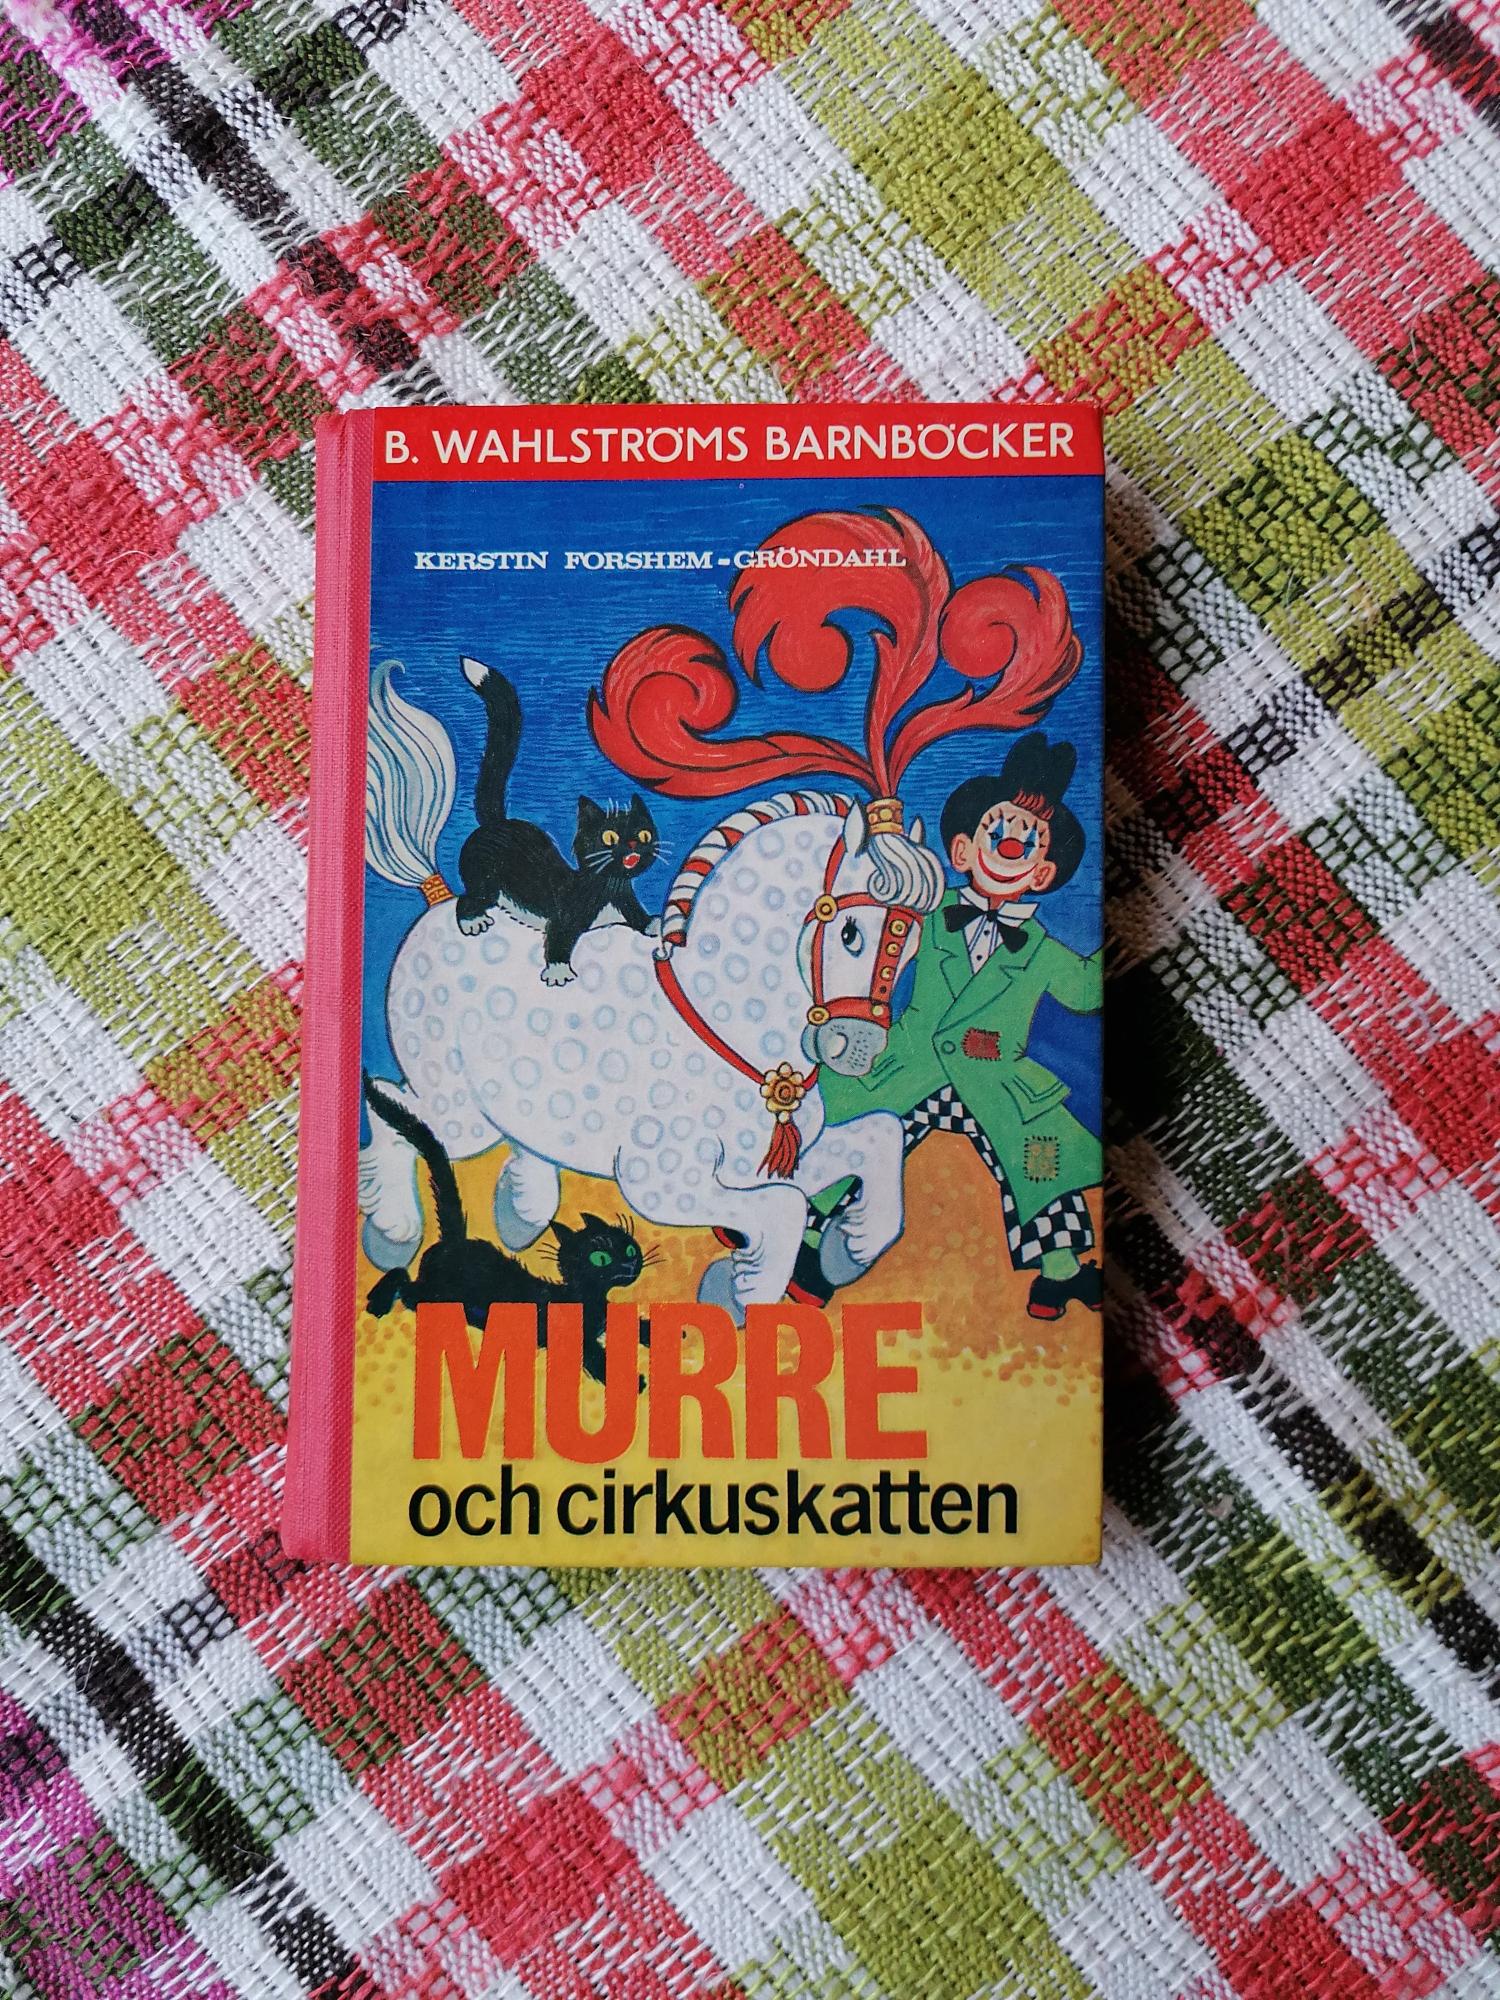 Murre och cirkuskatten av Kerstin Forshem-Gröndahl